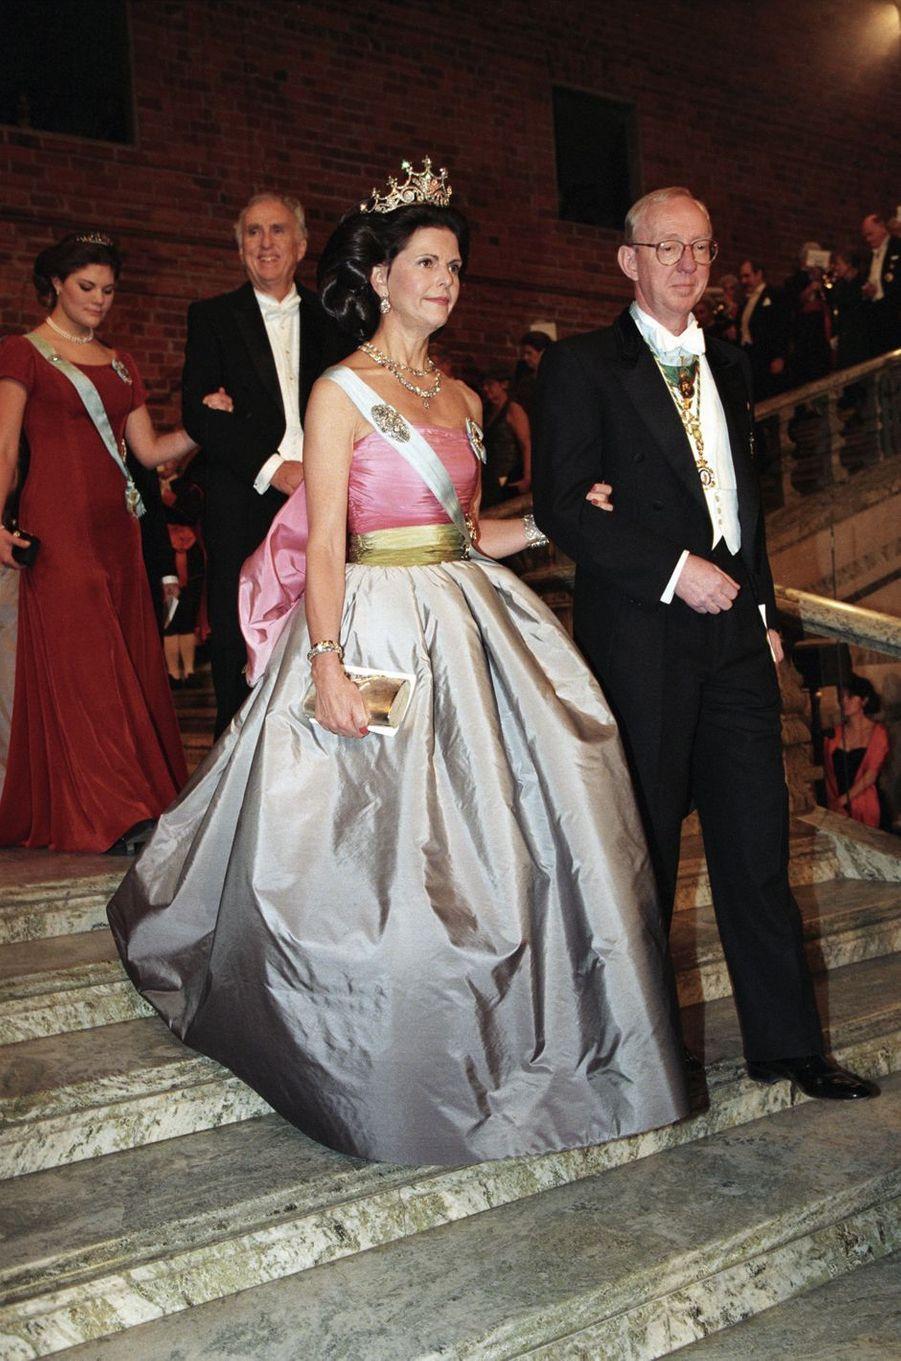 La reine Silvia de Suède à la cérémonie des prix Nobel à Stockholm, le 10 décembre 1995